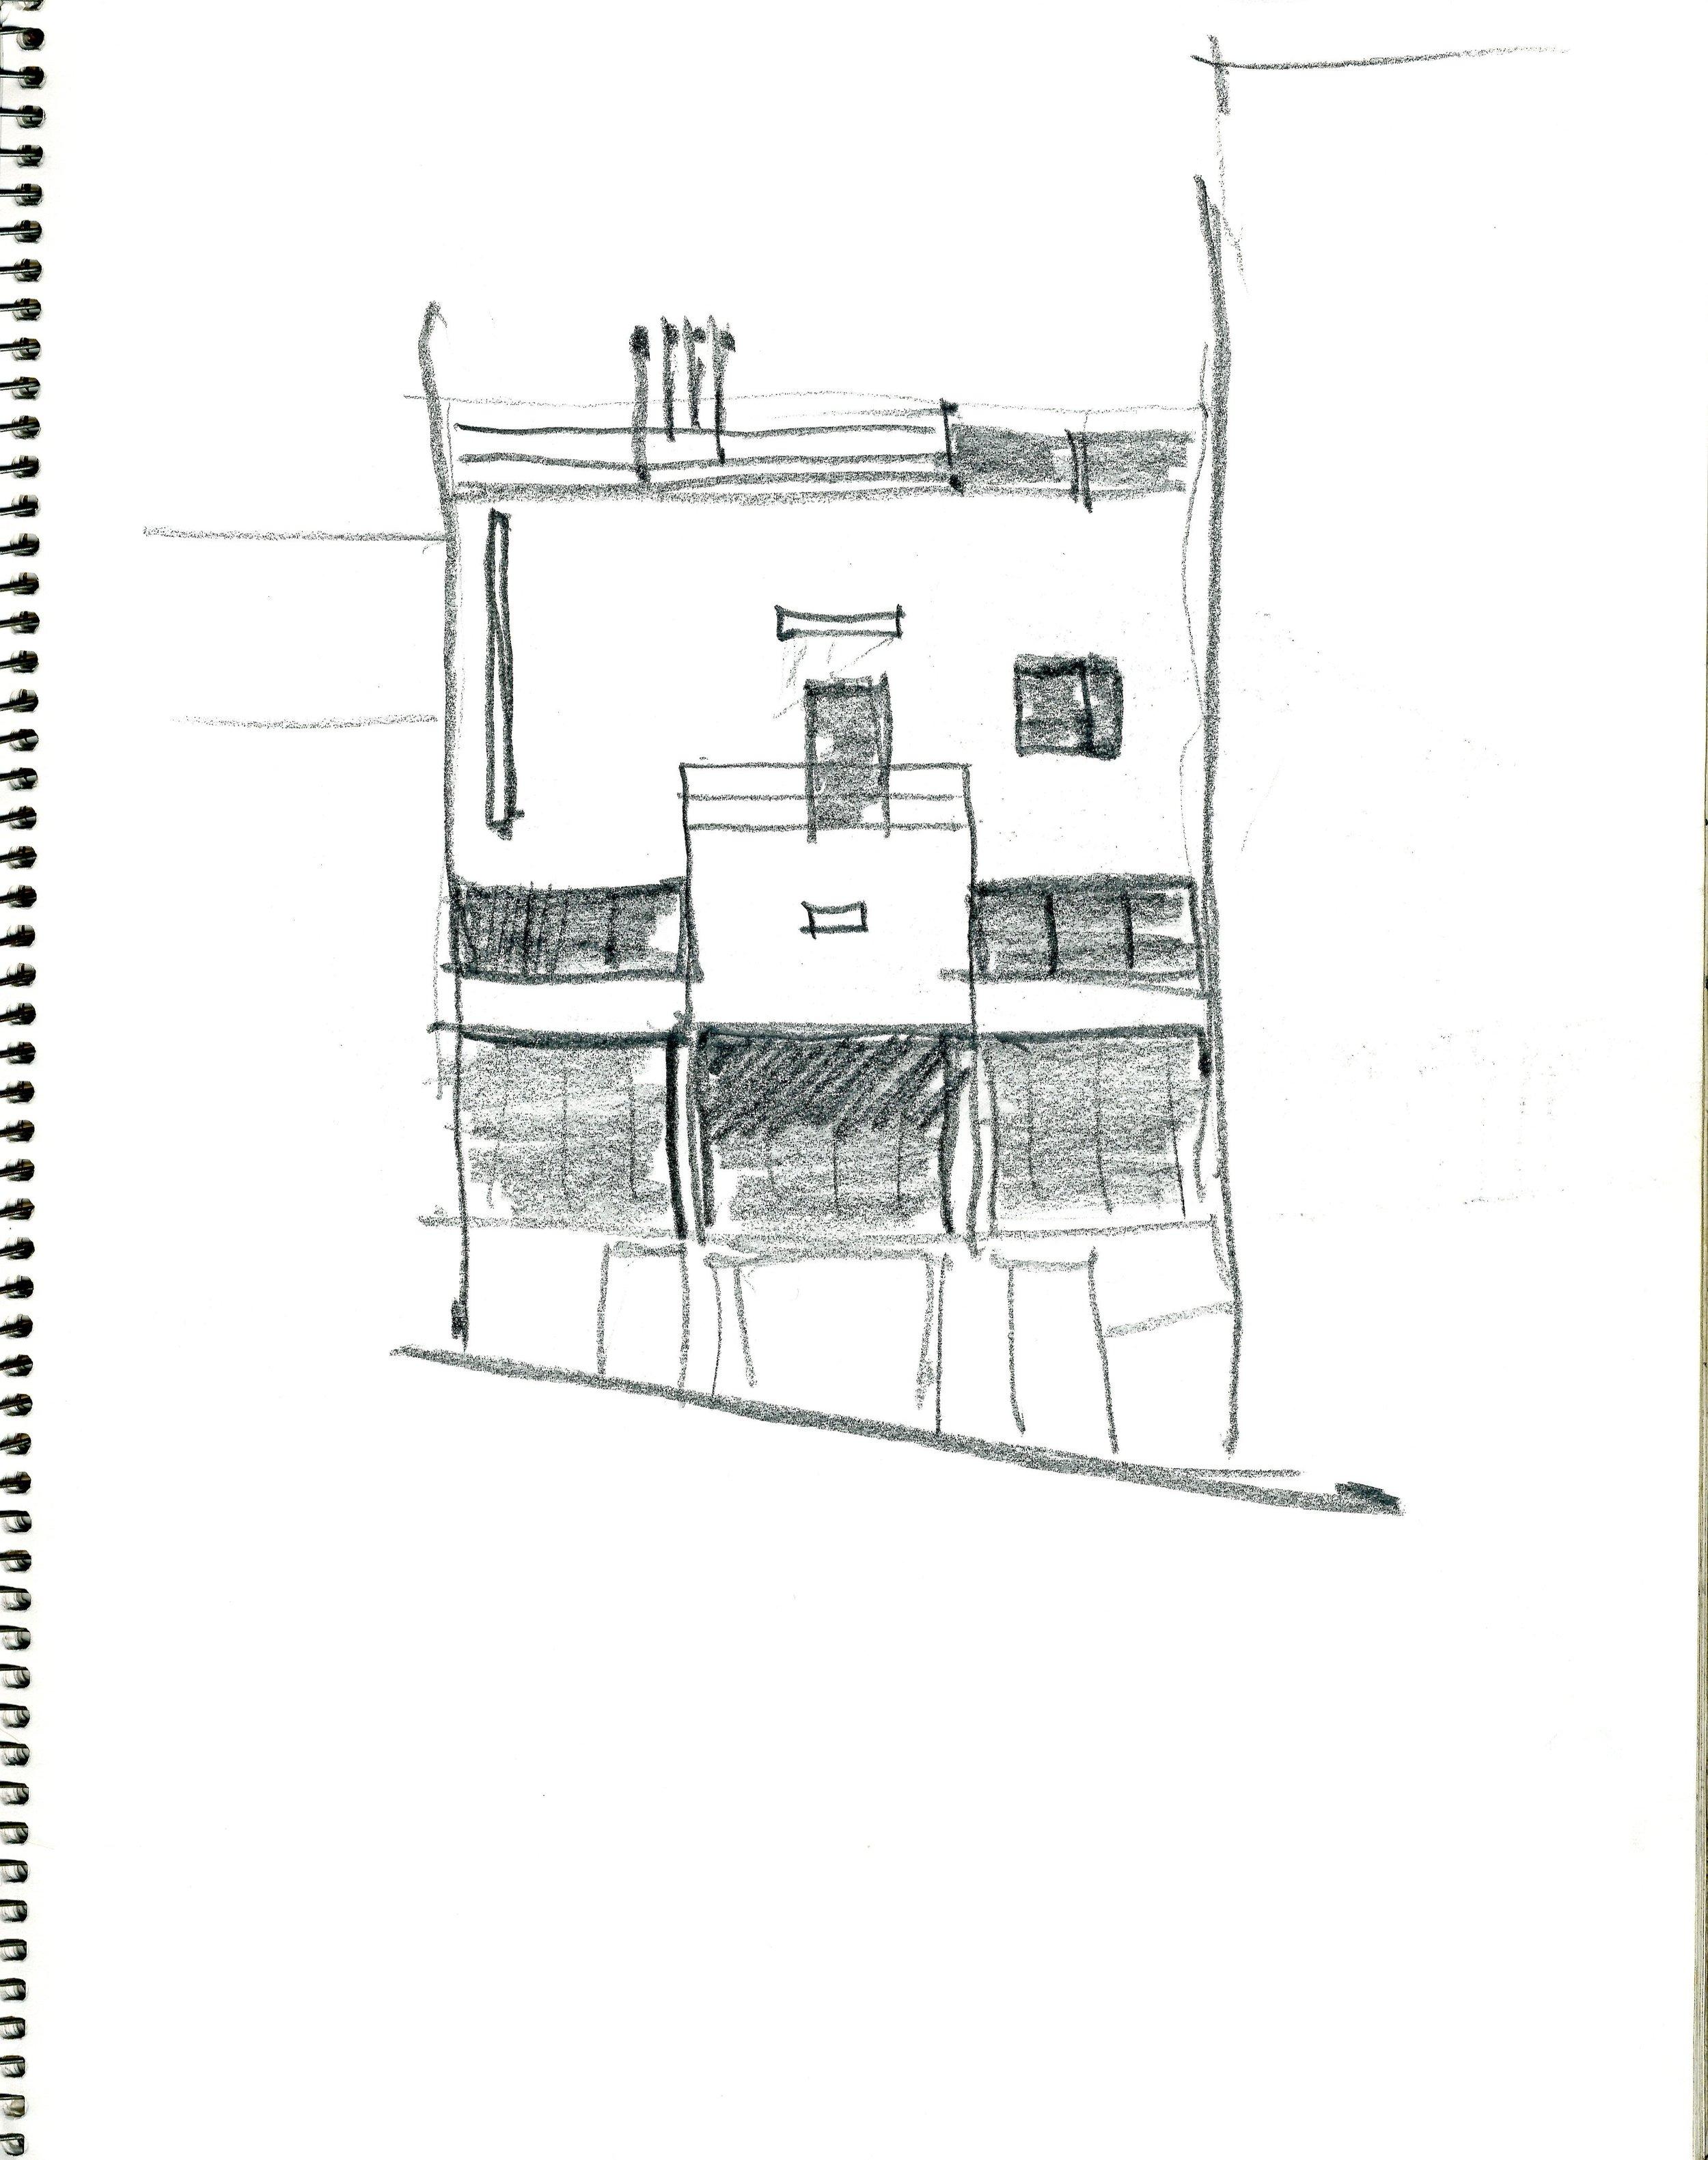 lecorbusier9.img069.jpg